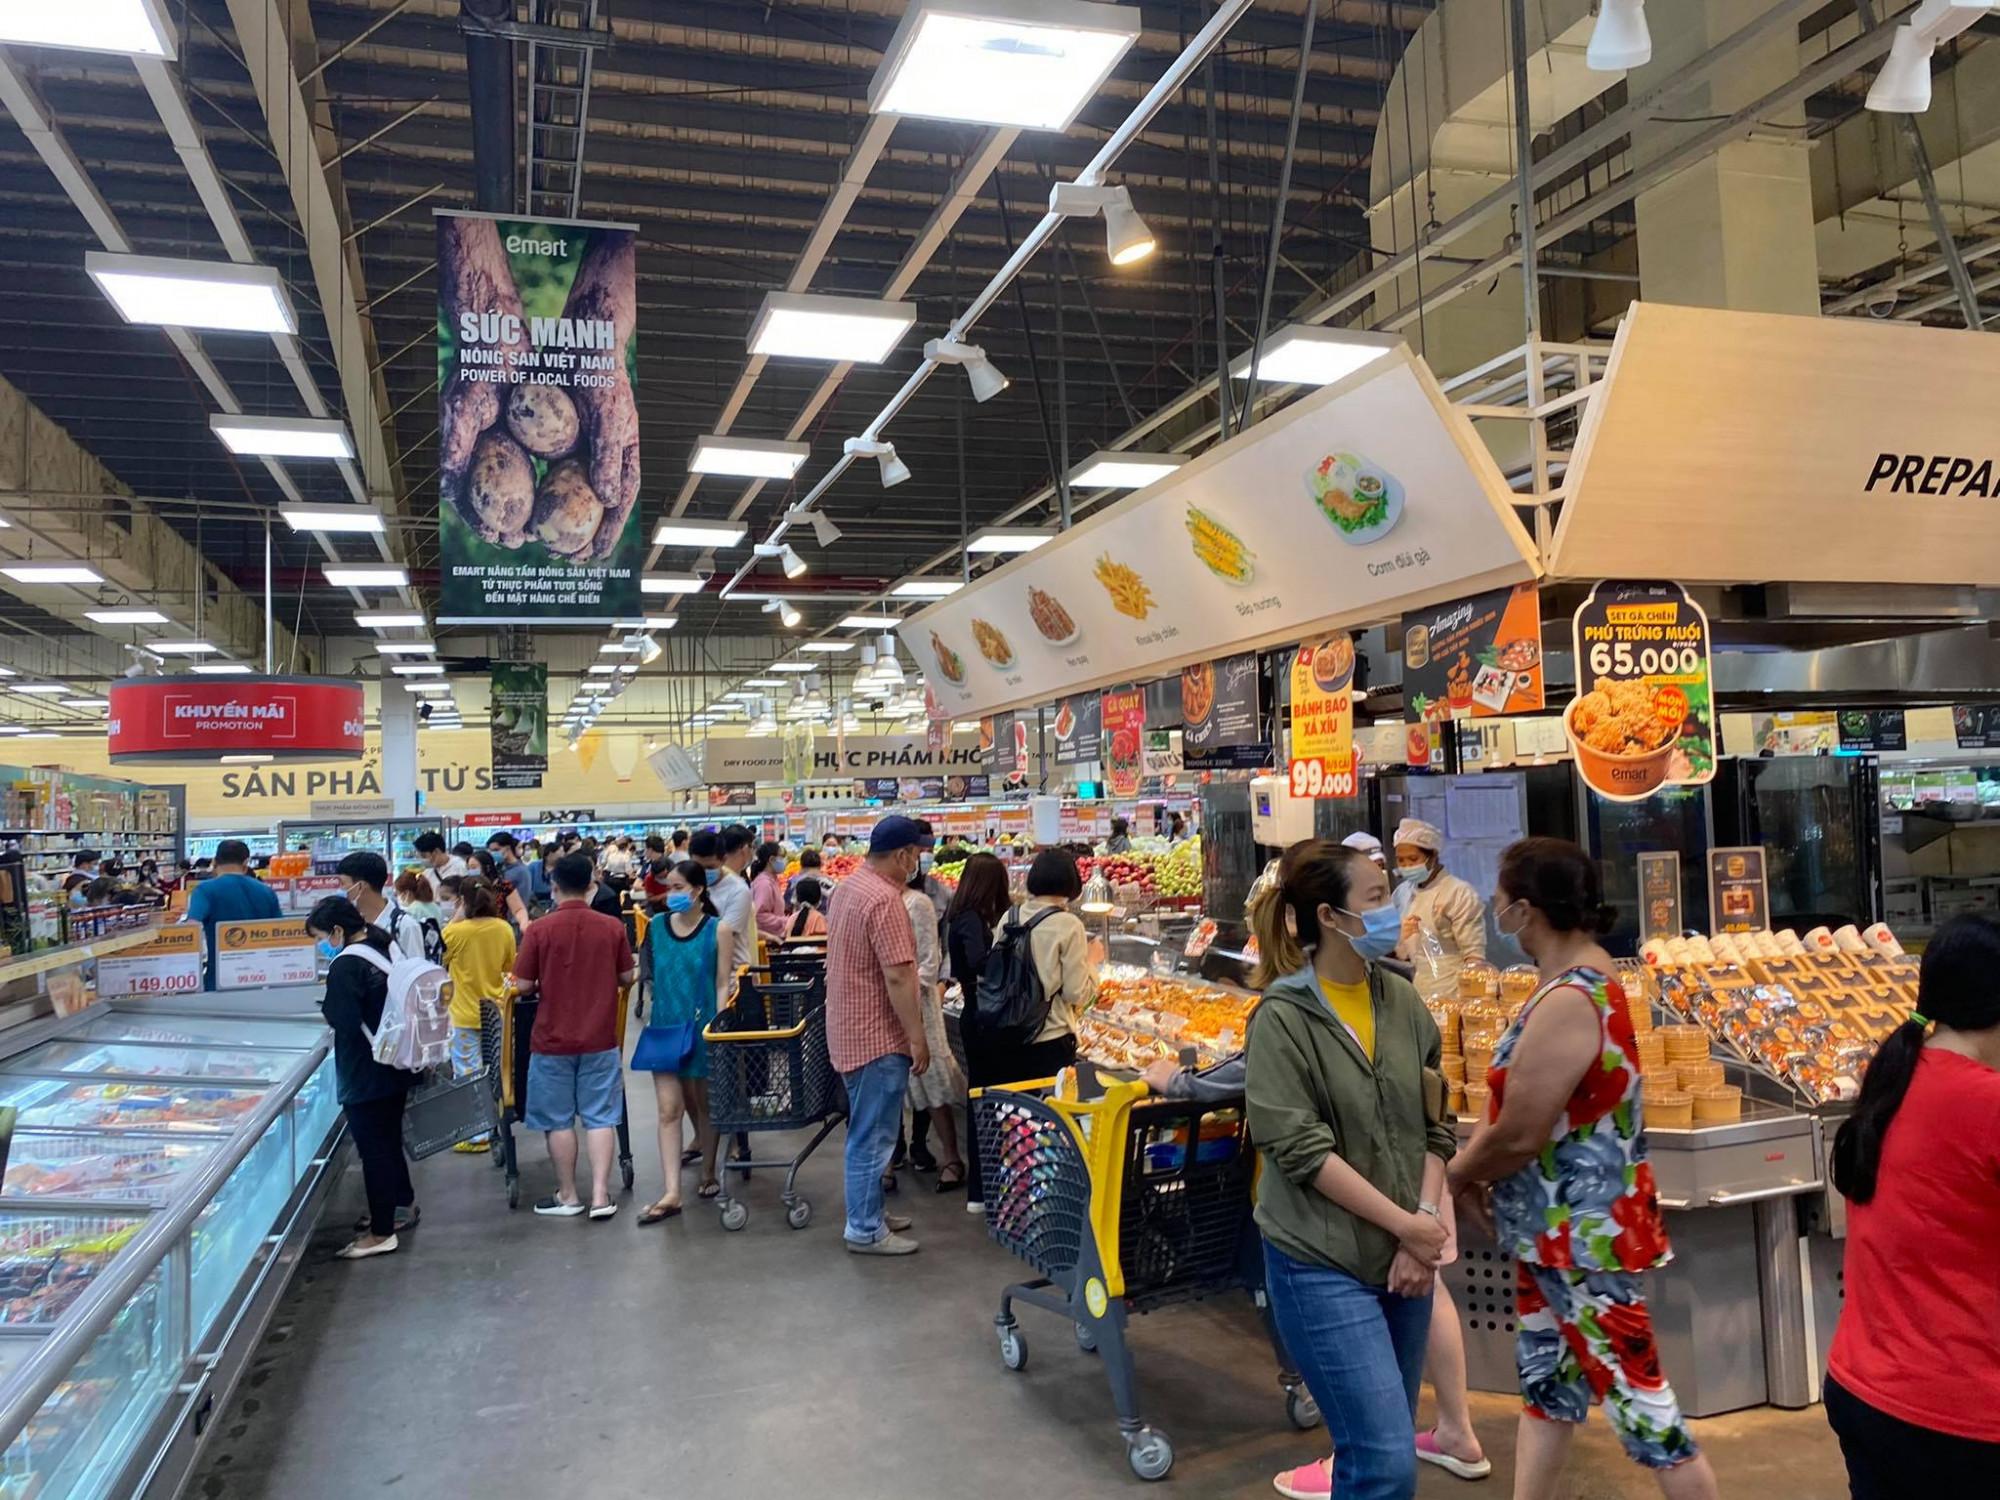 Gần 19h tối ngày 28/5, lượng khách đổ về siêu thị Emart (Q.Gò Vấp, TPHCM) khá đông, nhất là các quầy nhu yếu phẩm như mì gói, gạo, gia vị,...